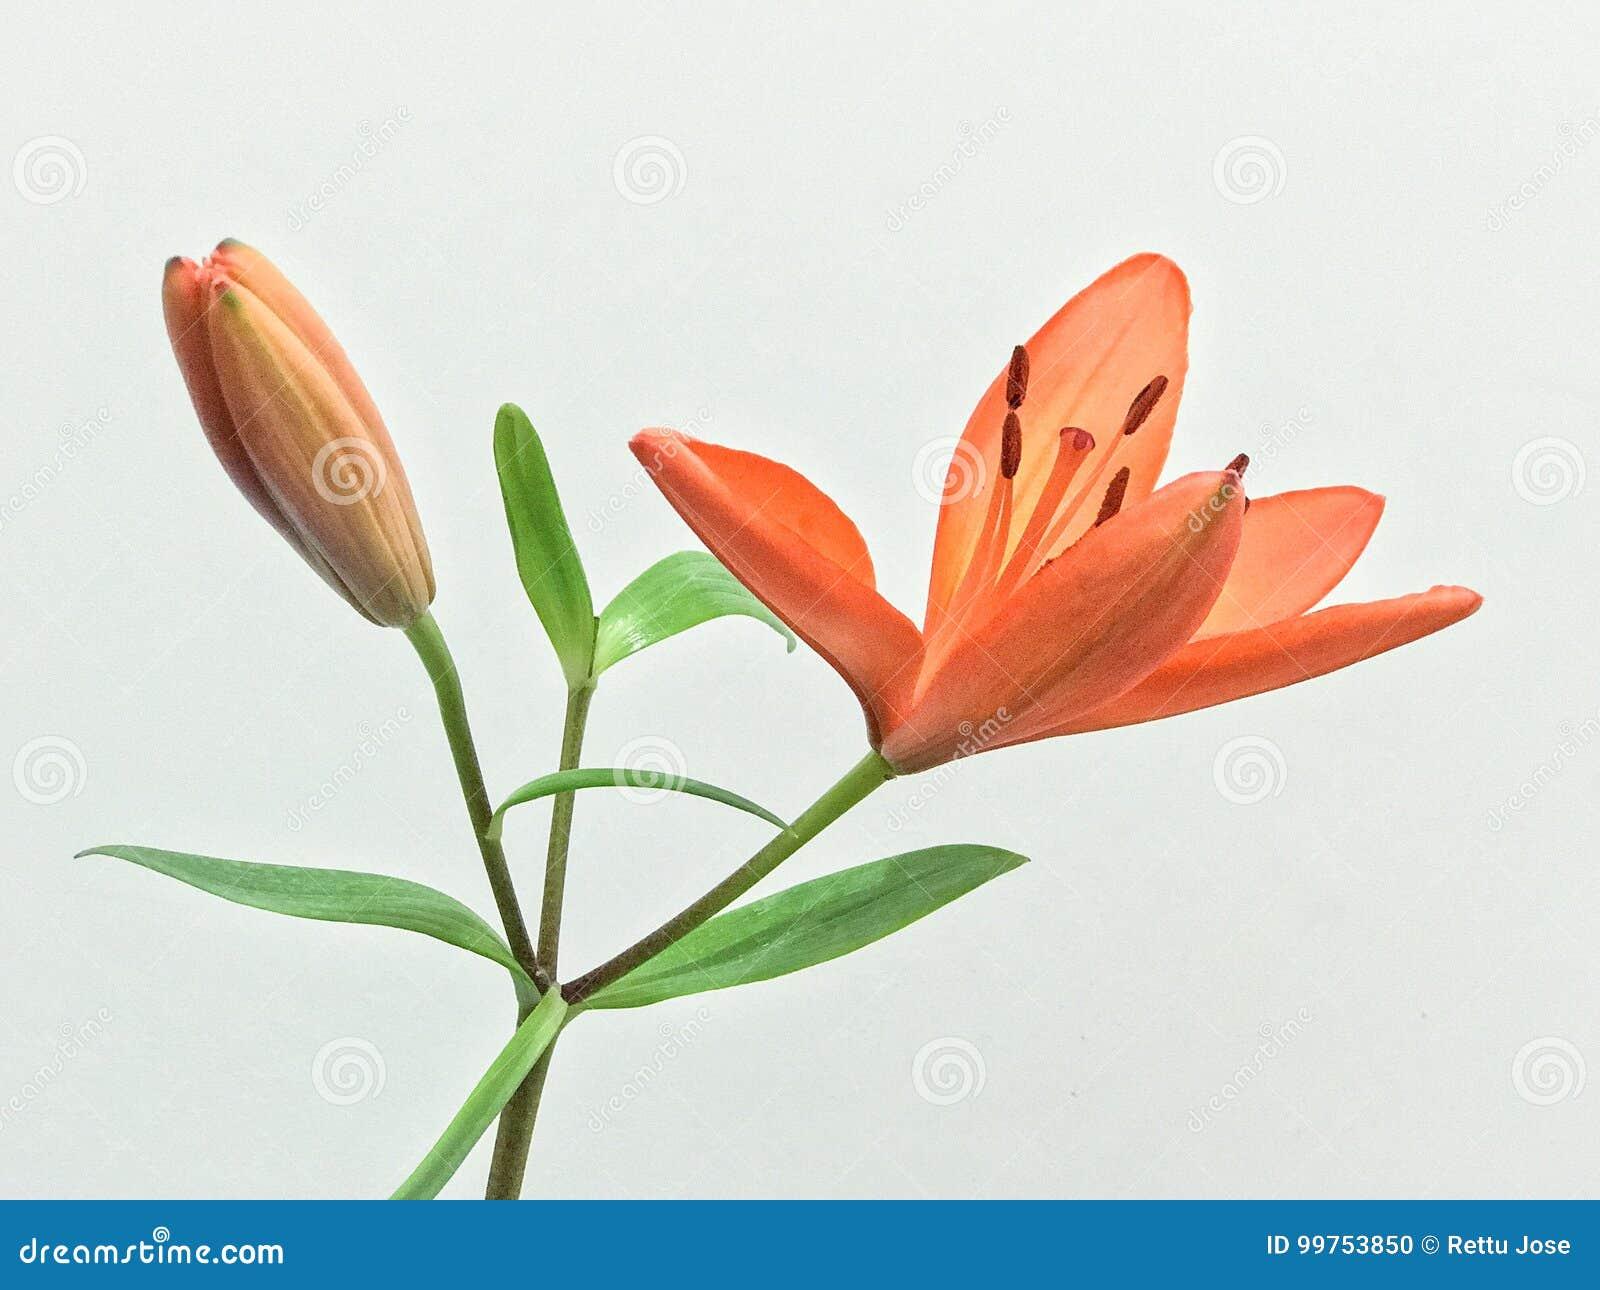 Beautiful Orange Flower With White Background Stock Photo Image Of